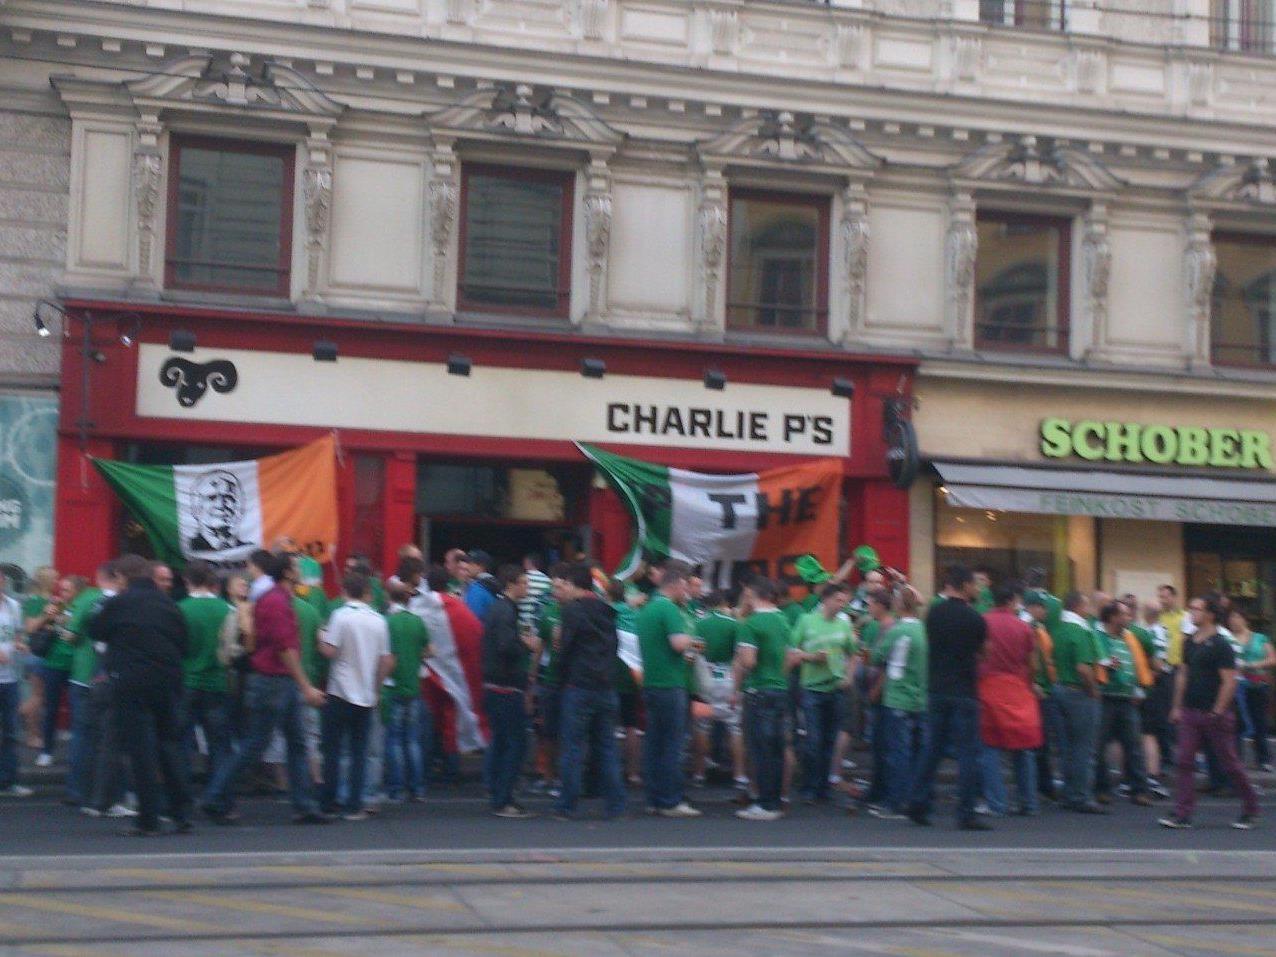 Auf der Währinger Straße feierten irländische Fans im Pub Charlie P's.